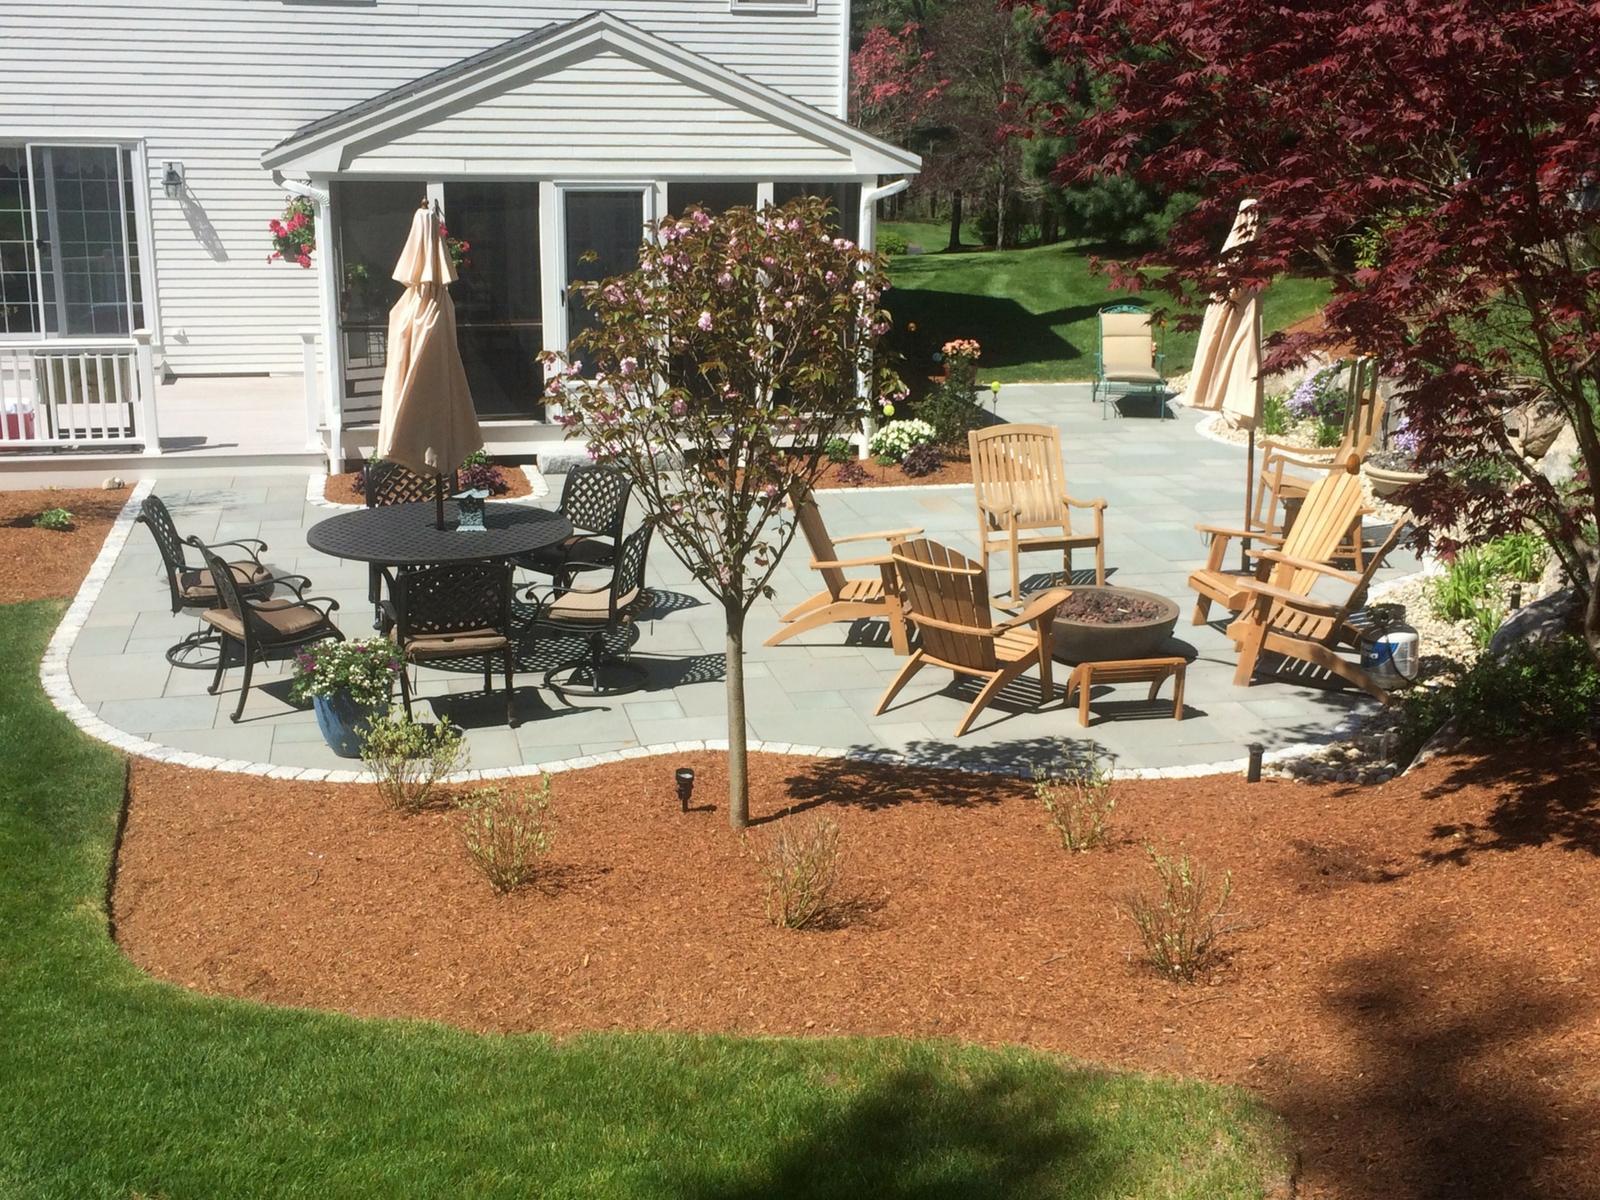 Fullsize Of Backyard Outdoor Living